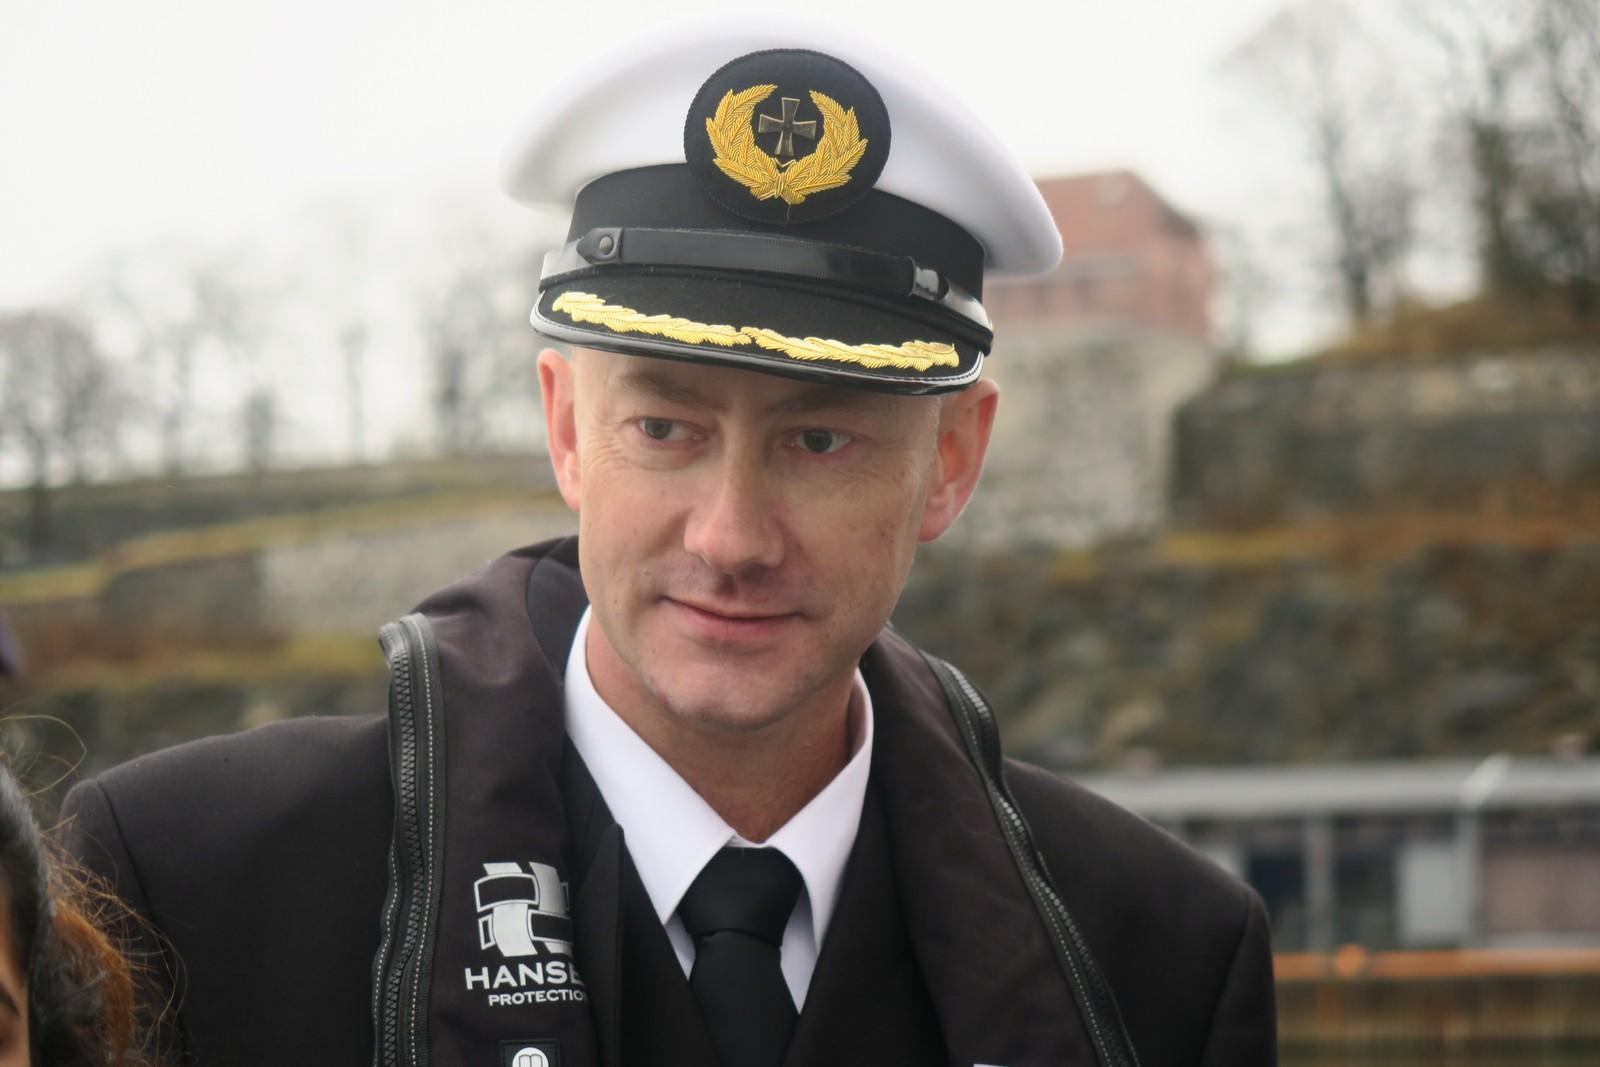 Skipsførar Lars Solvik var ein av dei som i dag fekk Humanistprisen for innsatsen sin for å berge menneske opp frå havet.